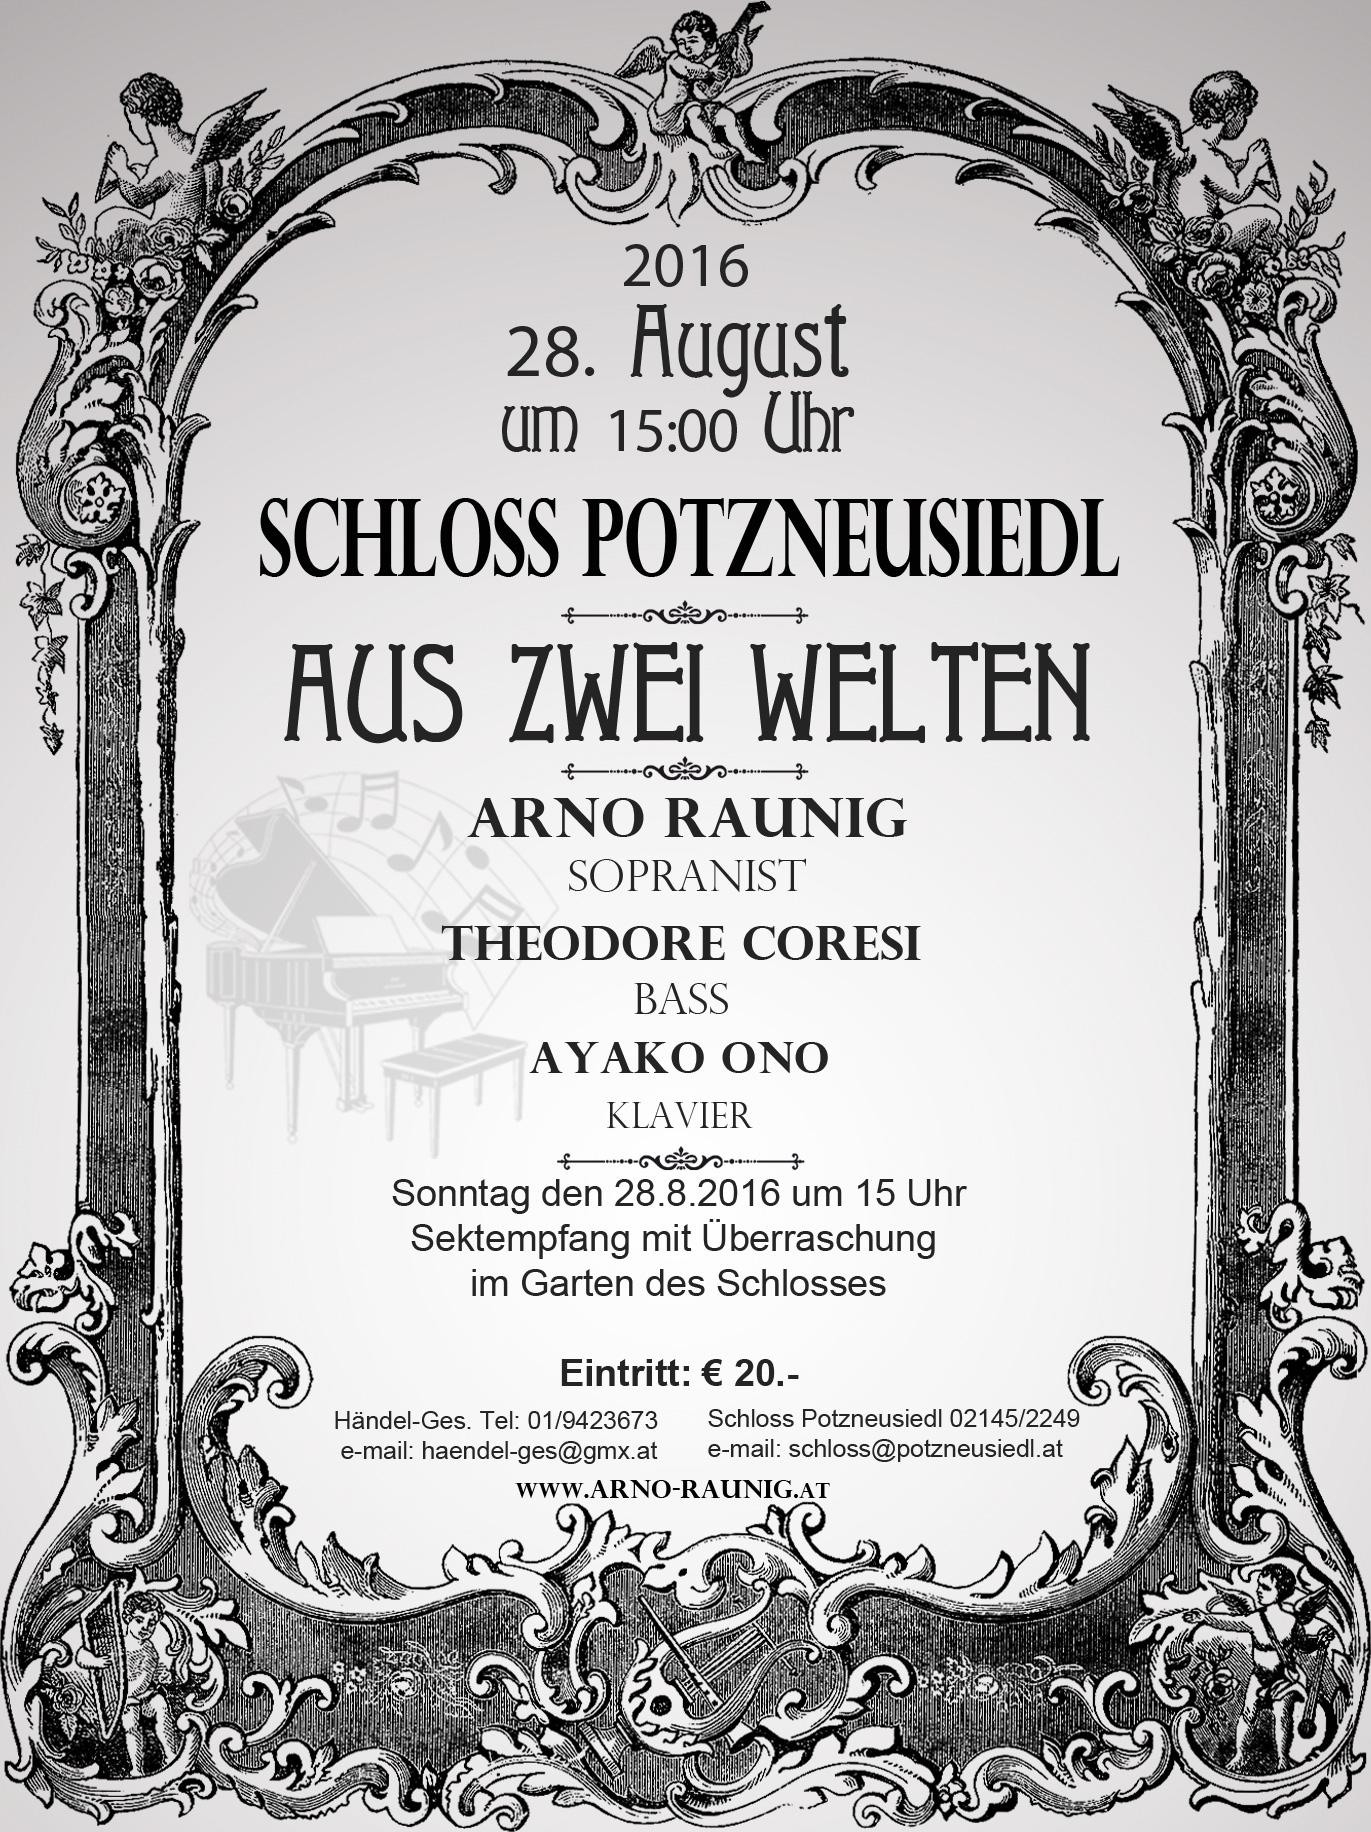 Konzert Aus Zwei Welten 28.8.2016 in Wien